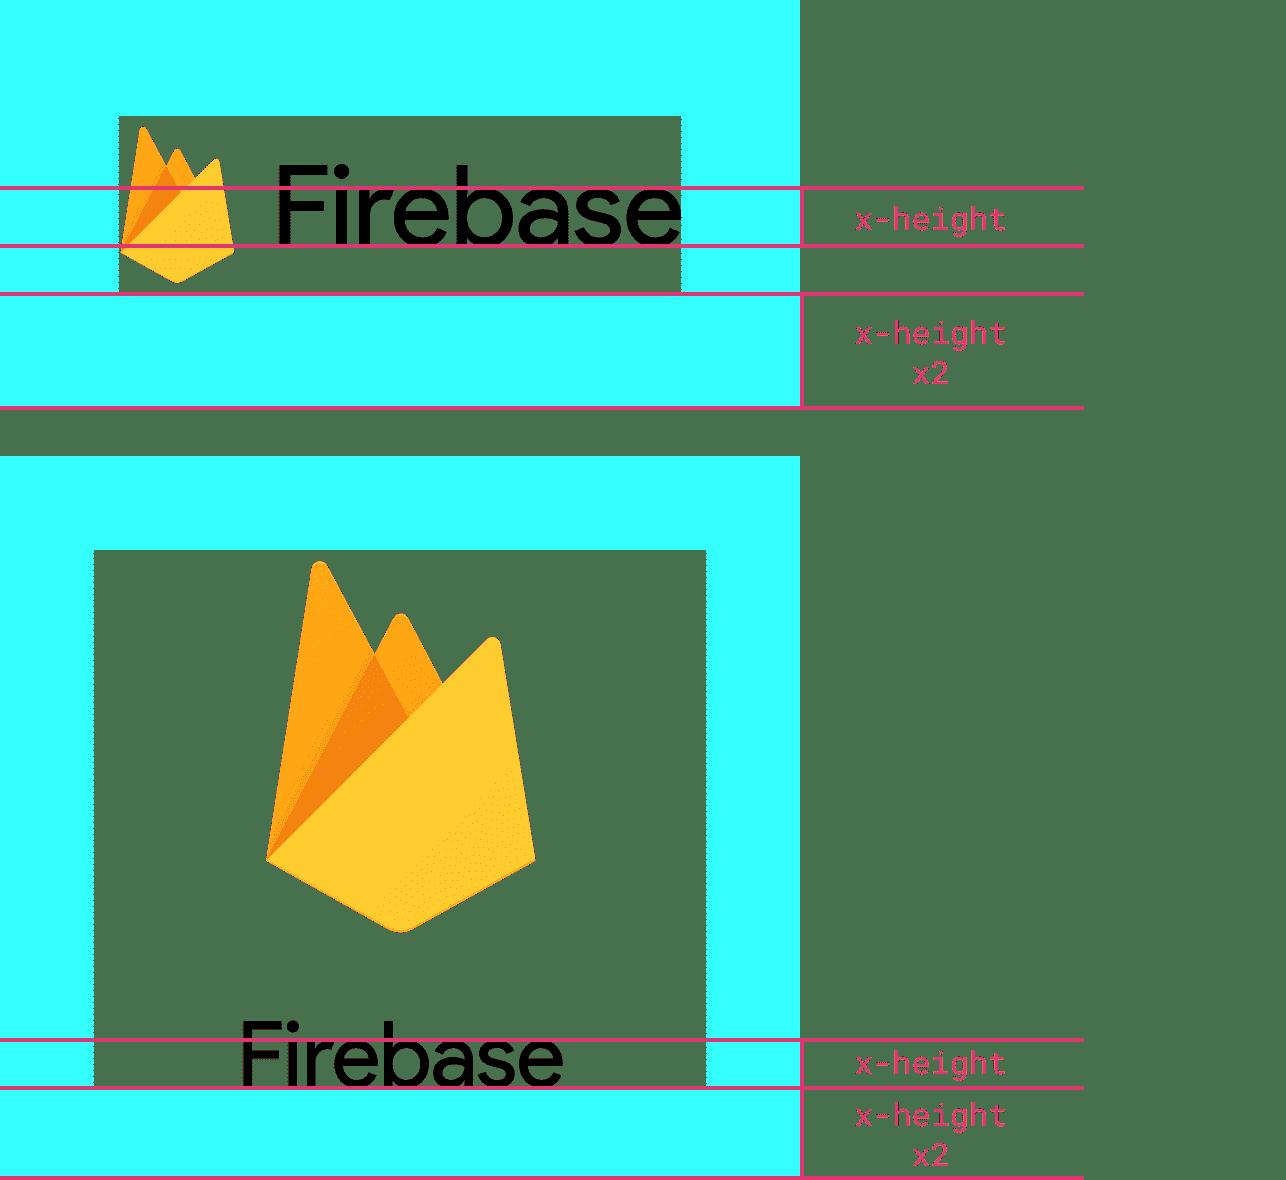 أمثلة على شعار Firebase يبلغ ارتفاعه ضعف ارتفاع الشعار على الأقل